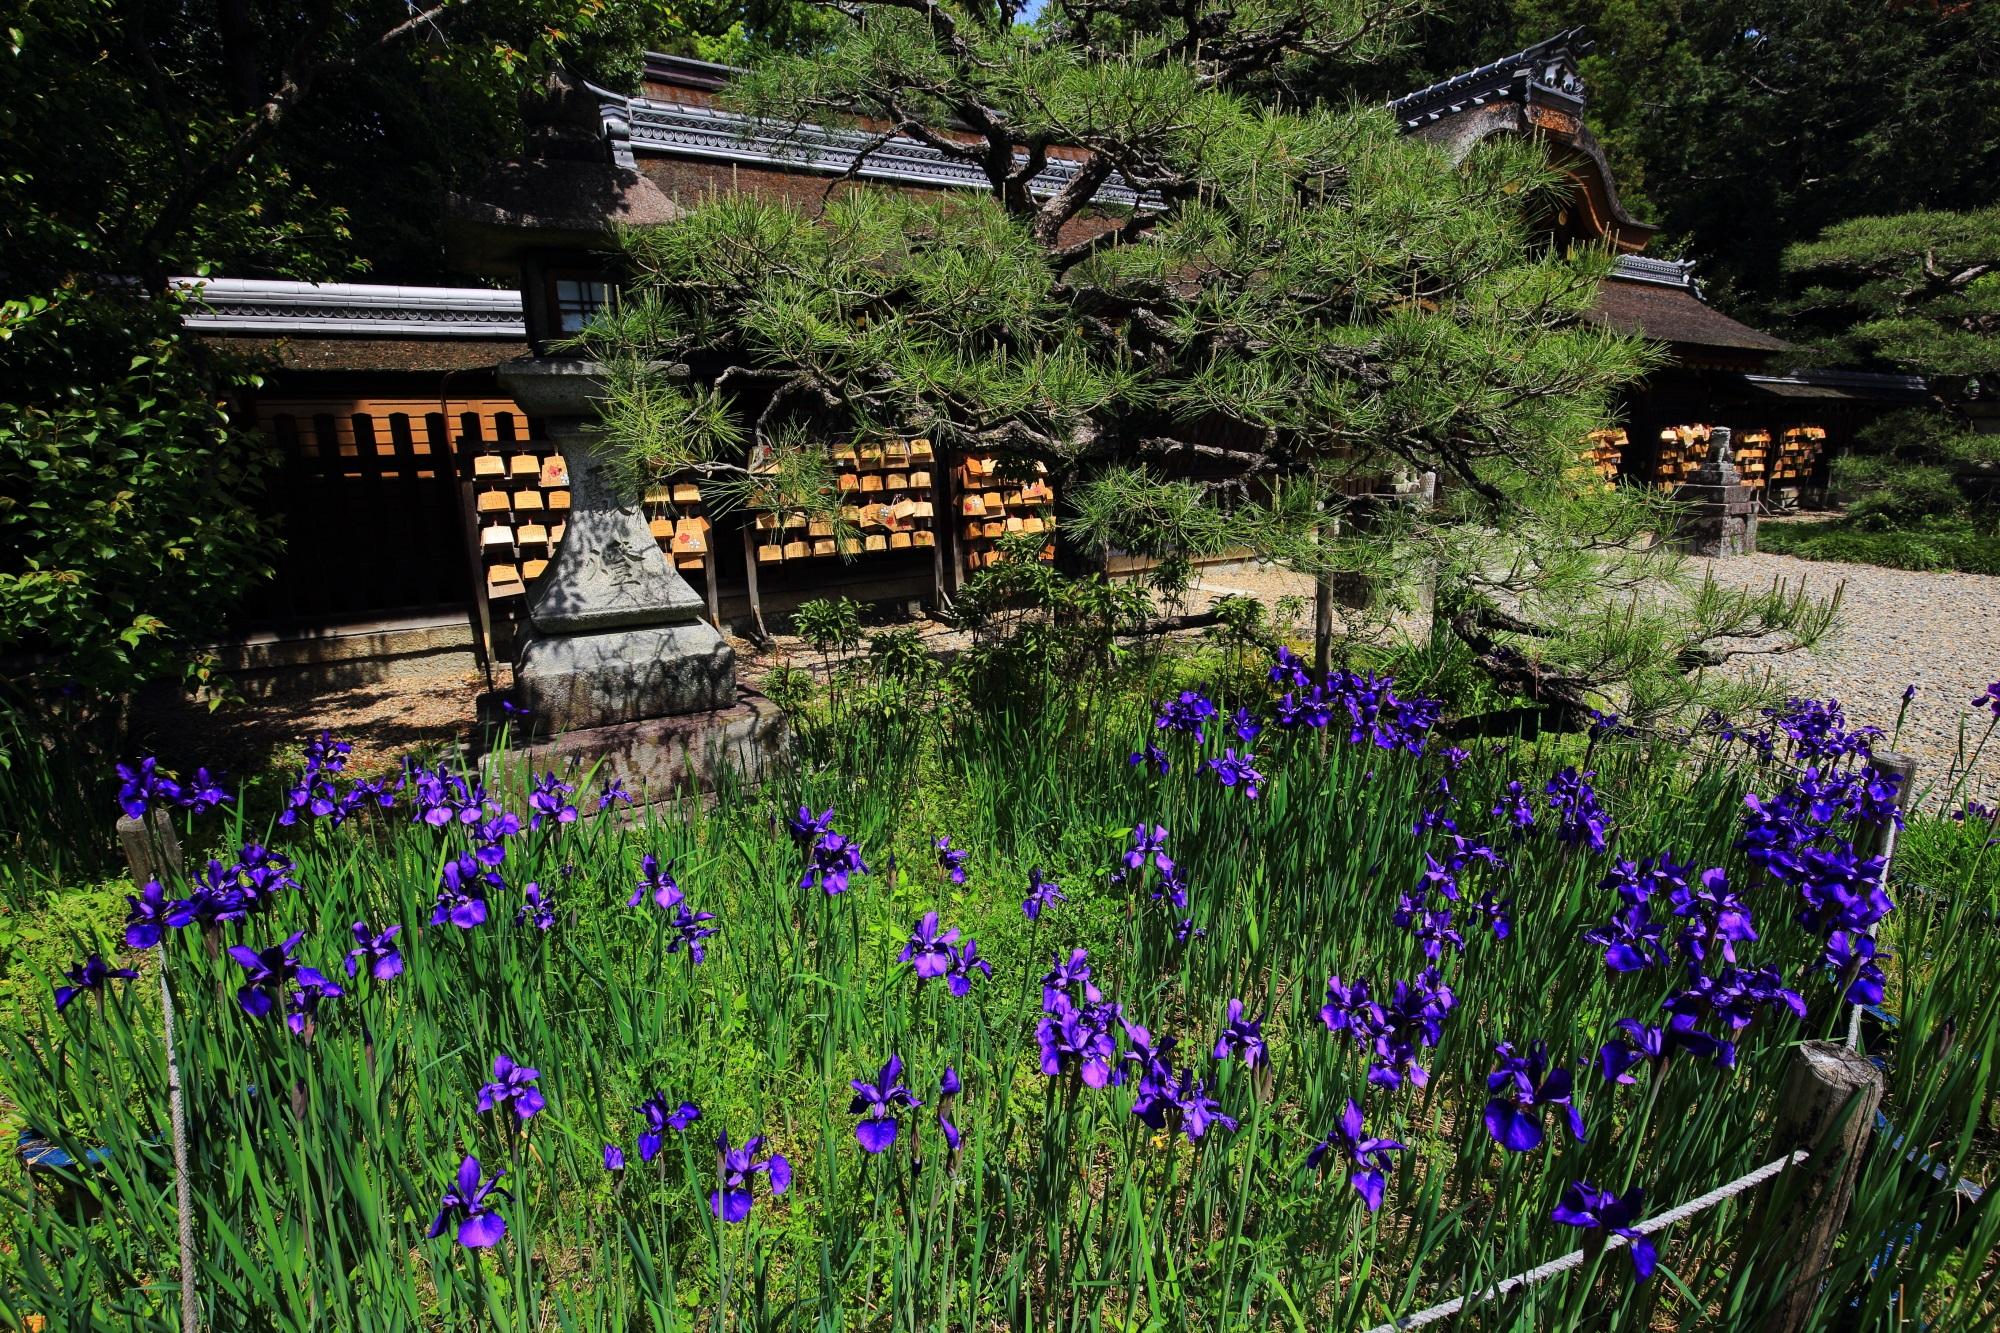 梅宮大社の本殿前の鮮やかな紫色のアヤメ